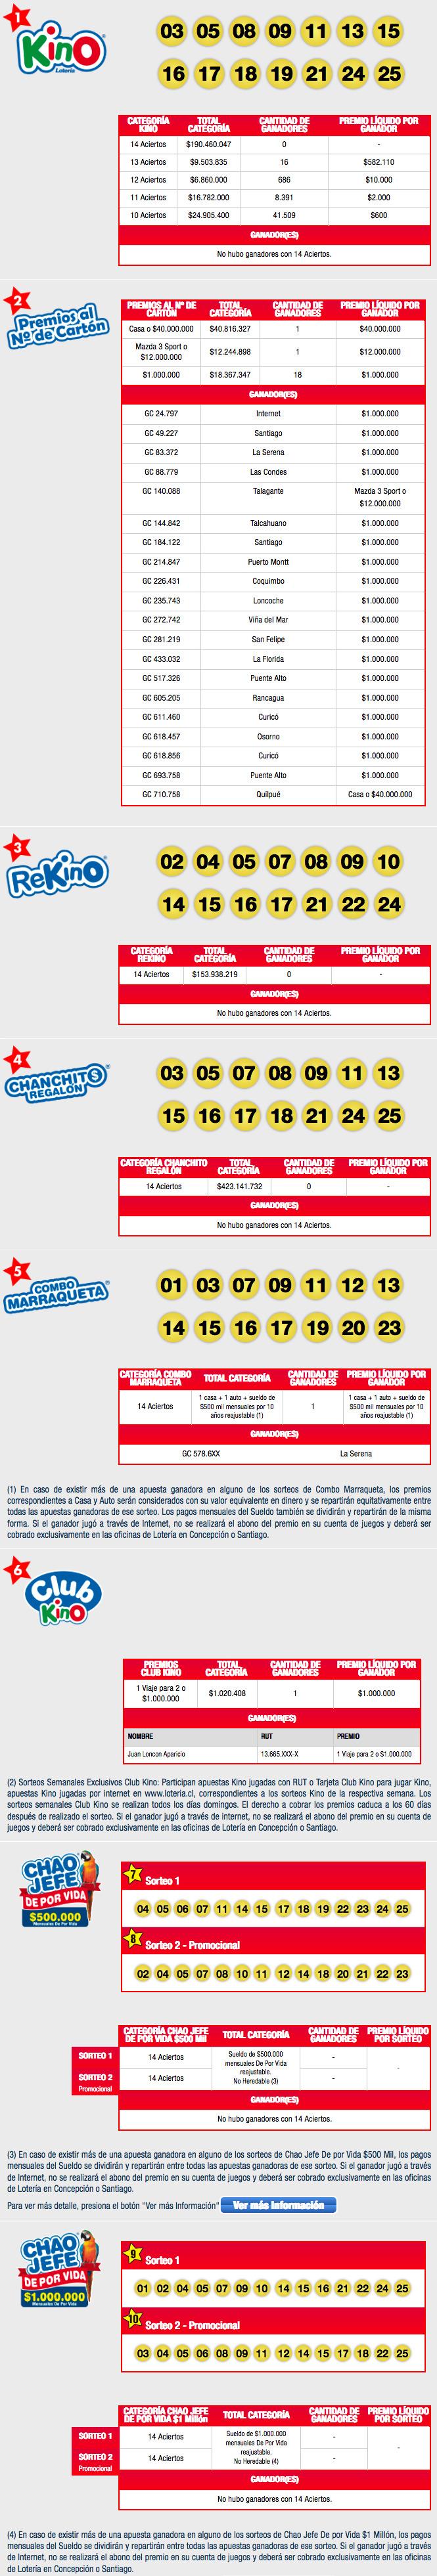 Resultados Kino Chile Sorteo 2105